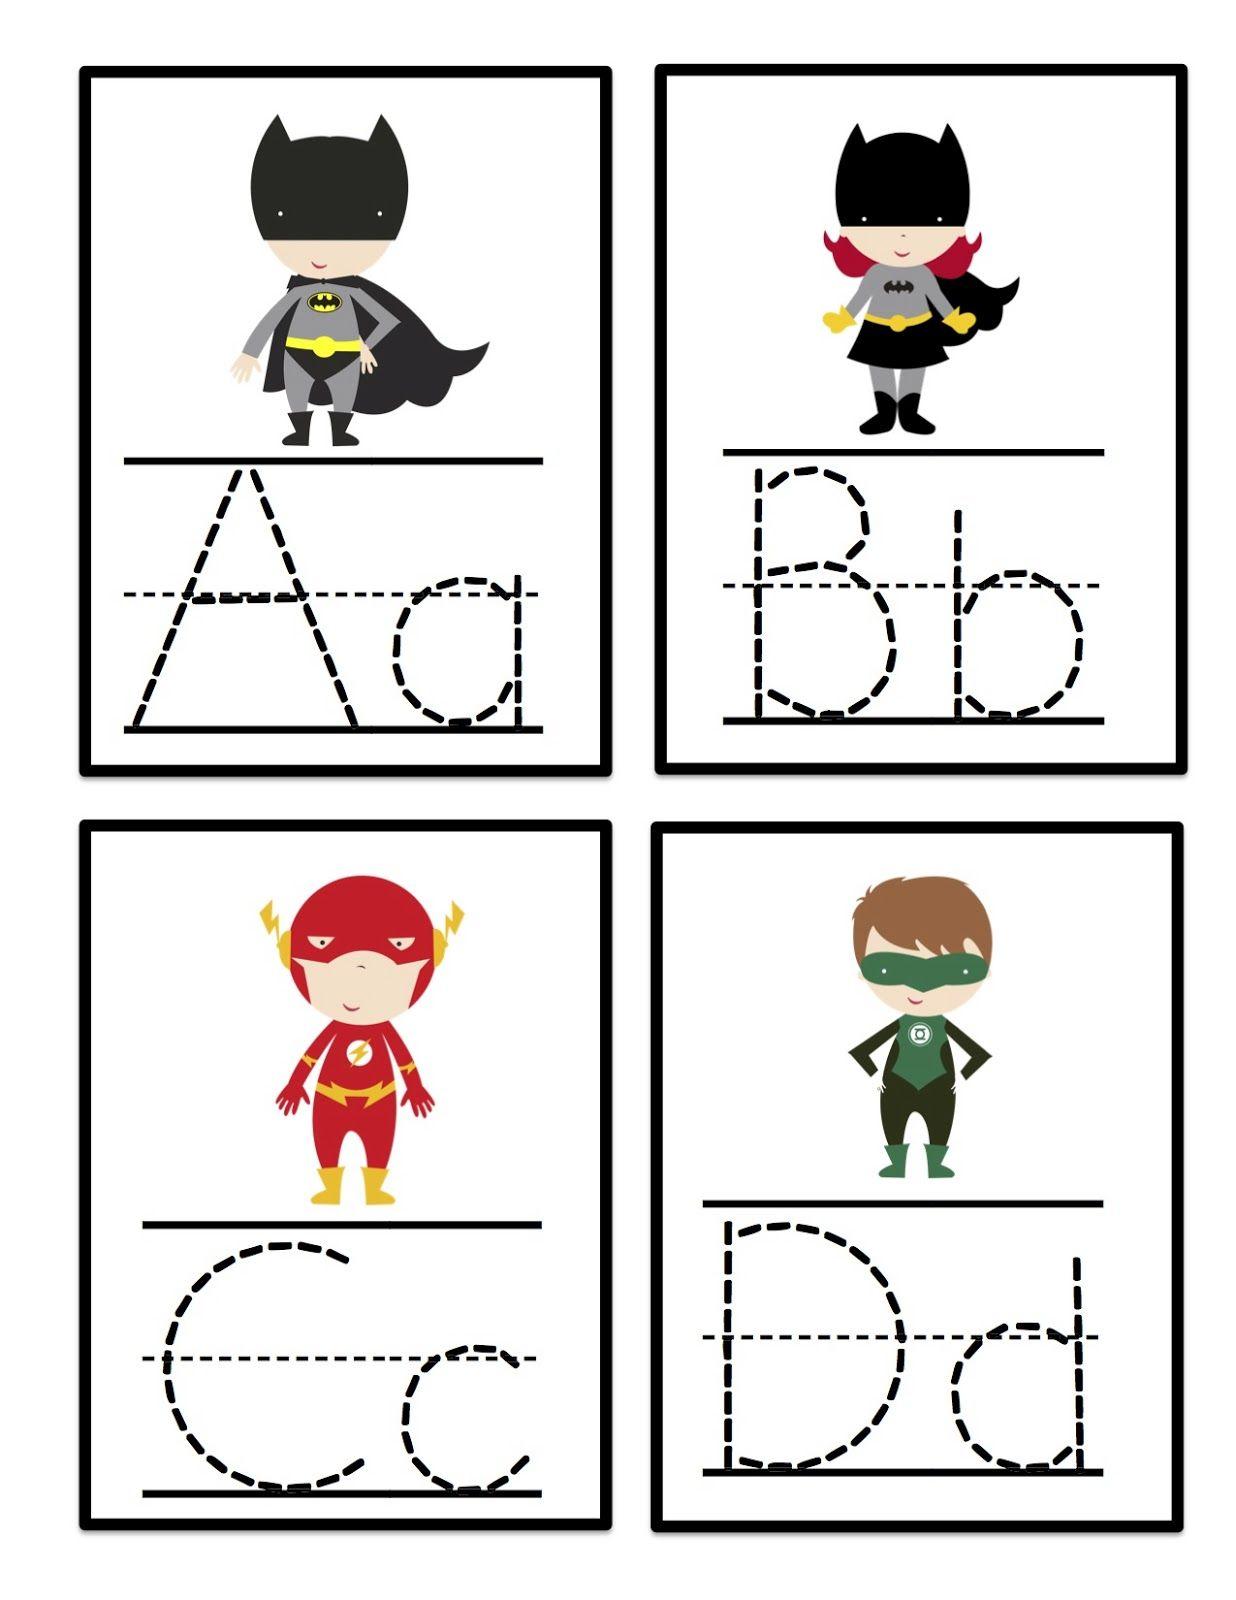 Super Hero Alphabet Tracing Cards | Superhero Preschool with Alphabet Tracing Cards